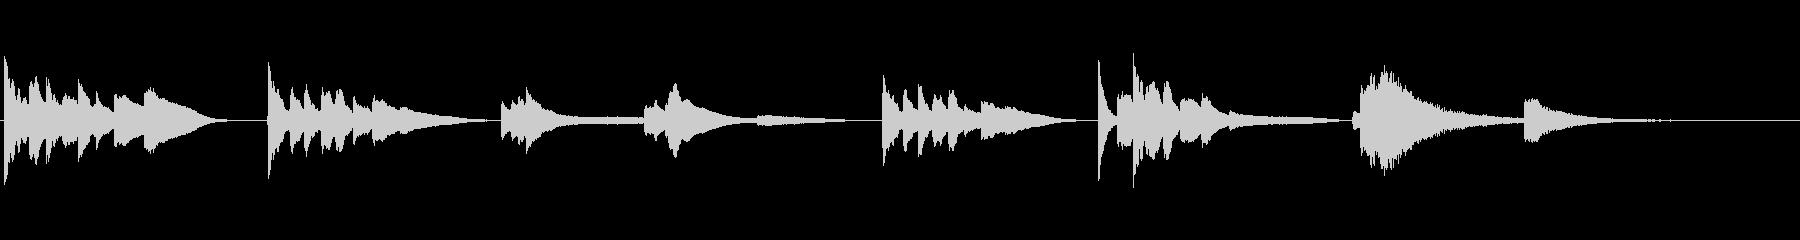 証言・朗読用~ほんわかとした短いピアノ~の未再生の波形